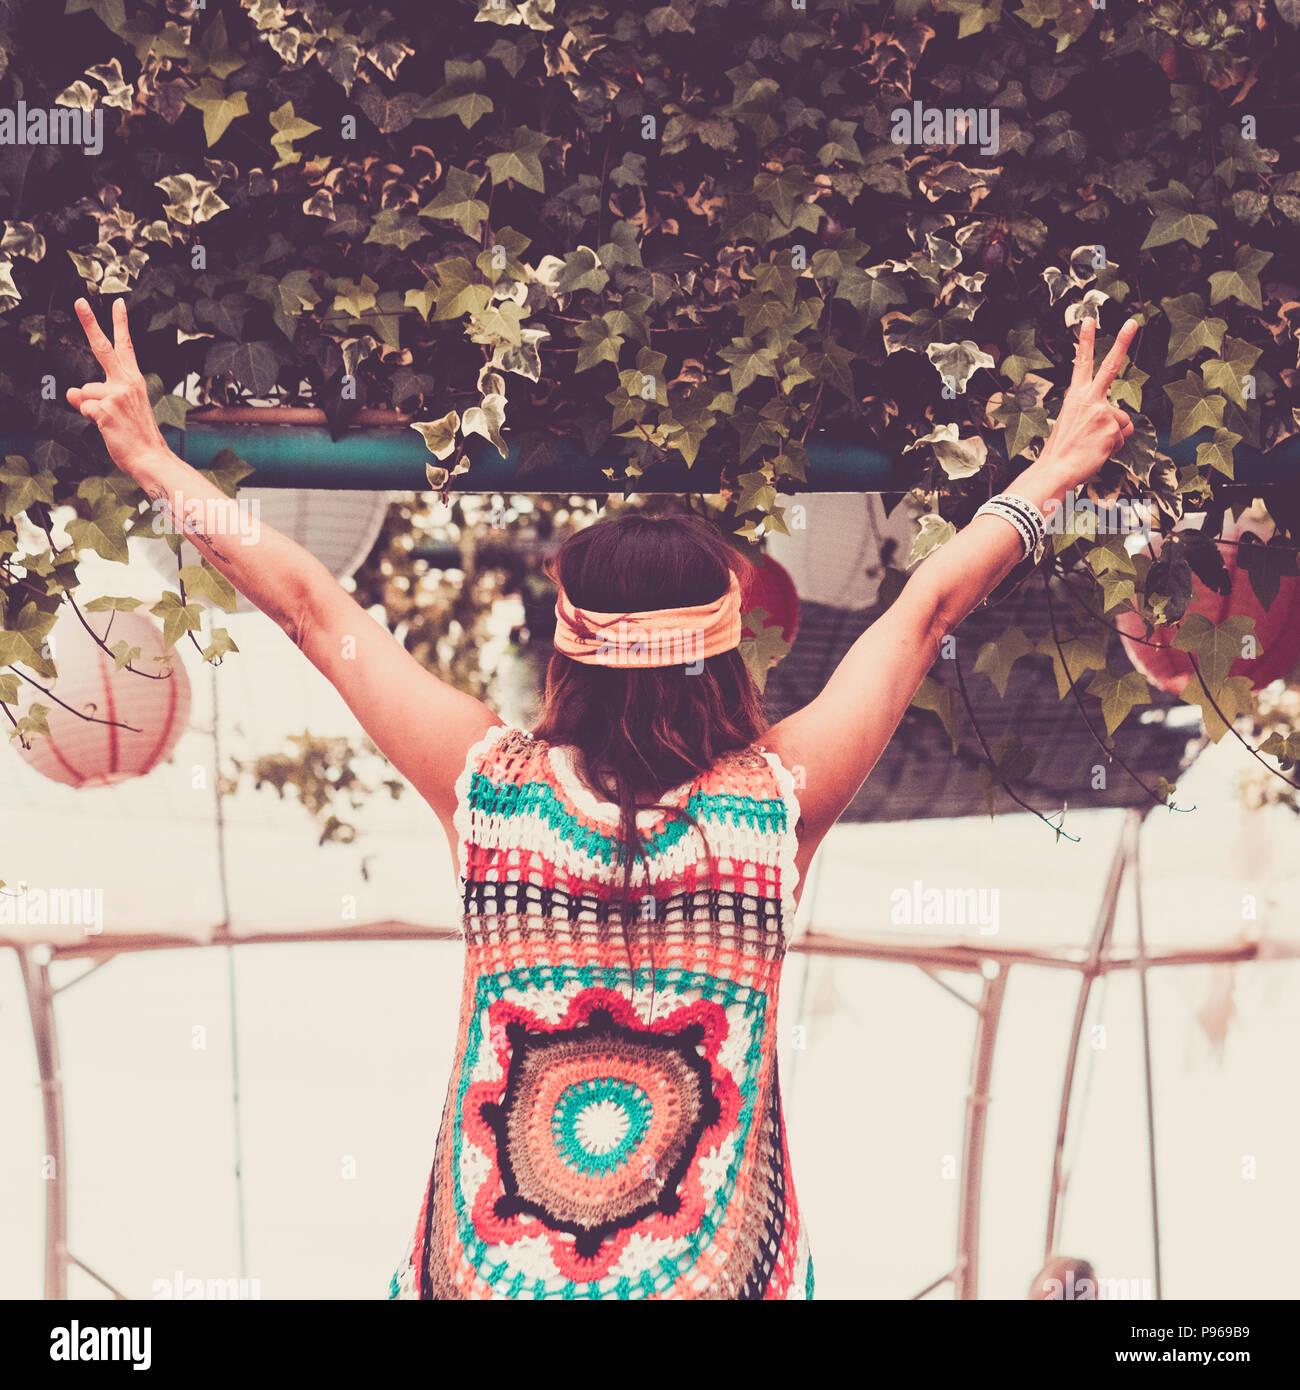 Image concept gagnant avec la liberté girl vue à partir de l'arrière les bras d'ouverture et d'ouverture. doigts vêtements hippie comme dans les '60 ans. Photo Stock